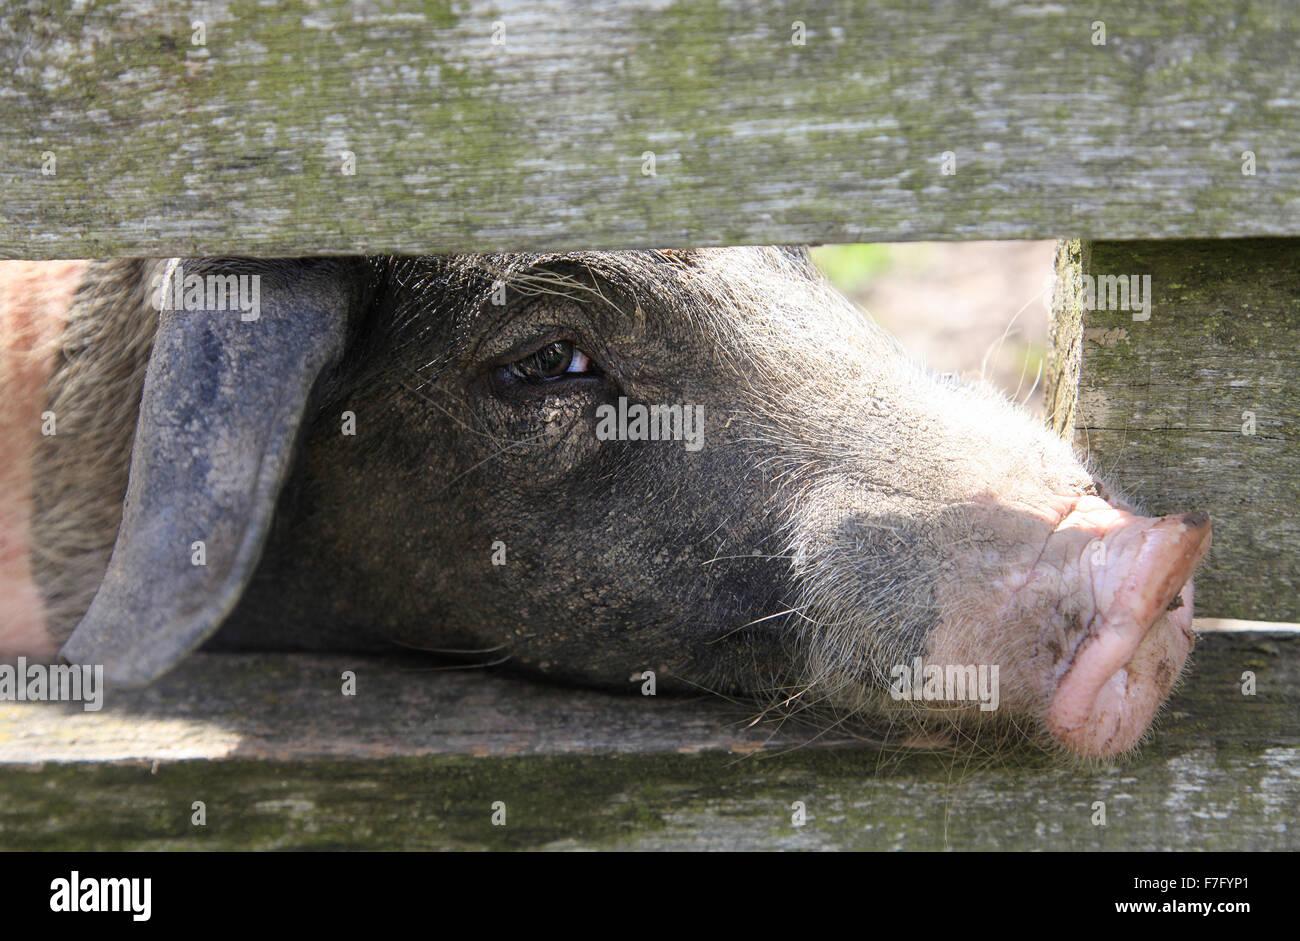 Wunderbar Schwein Drahtzaun Bilder - Die Besten Elektrischen ...